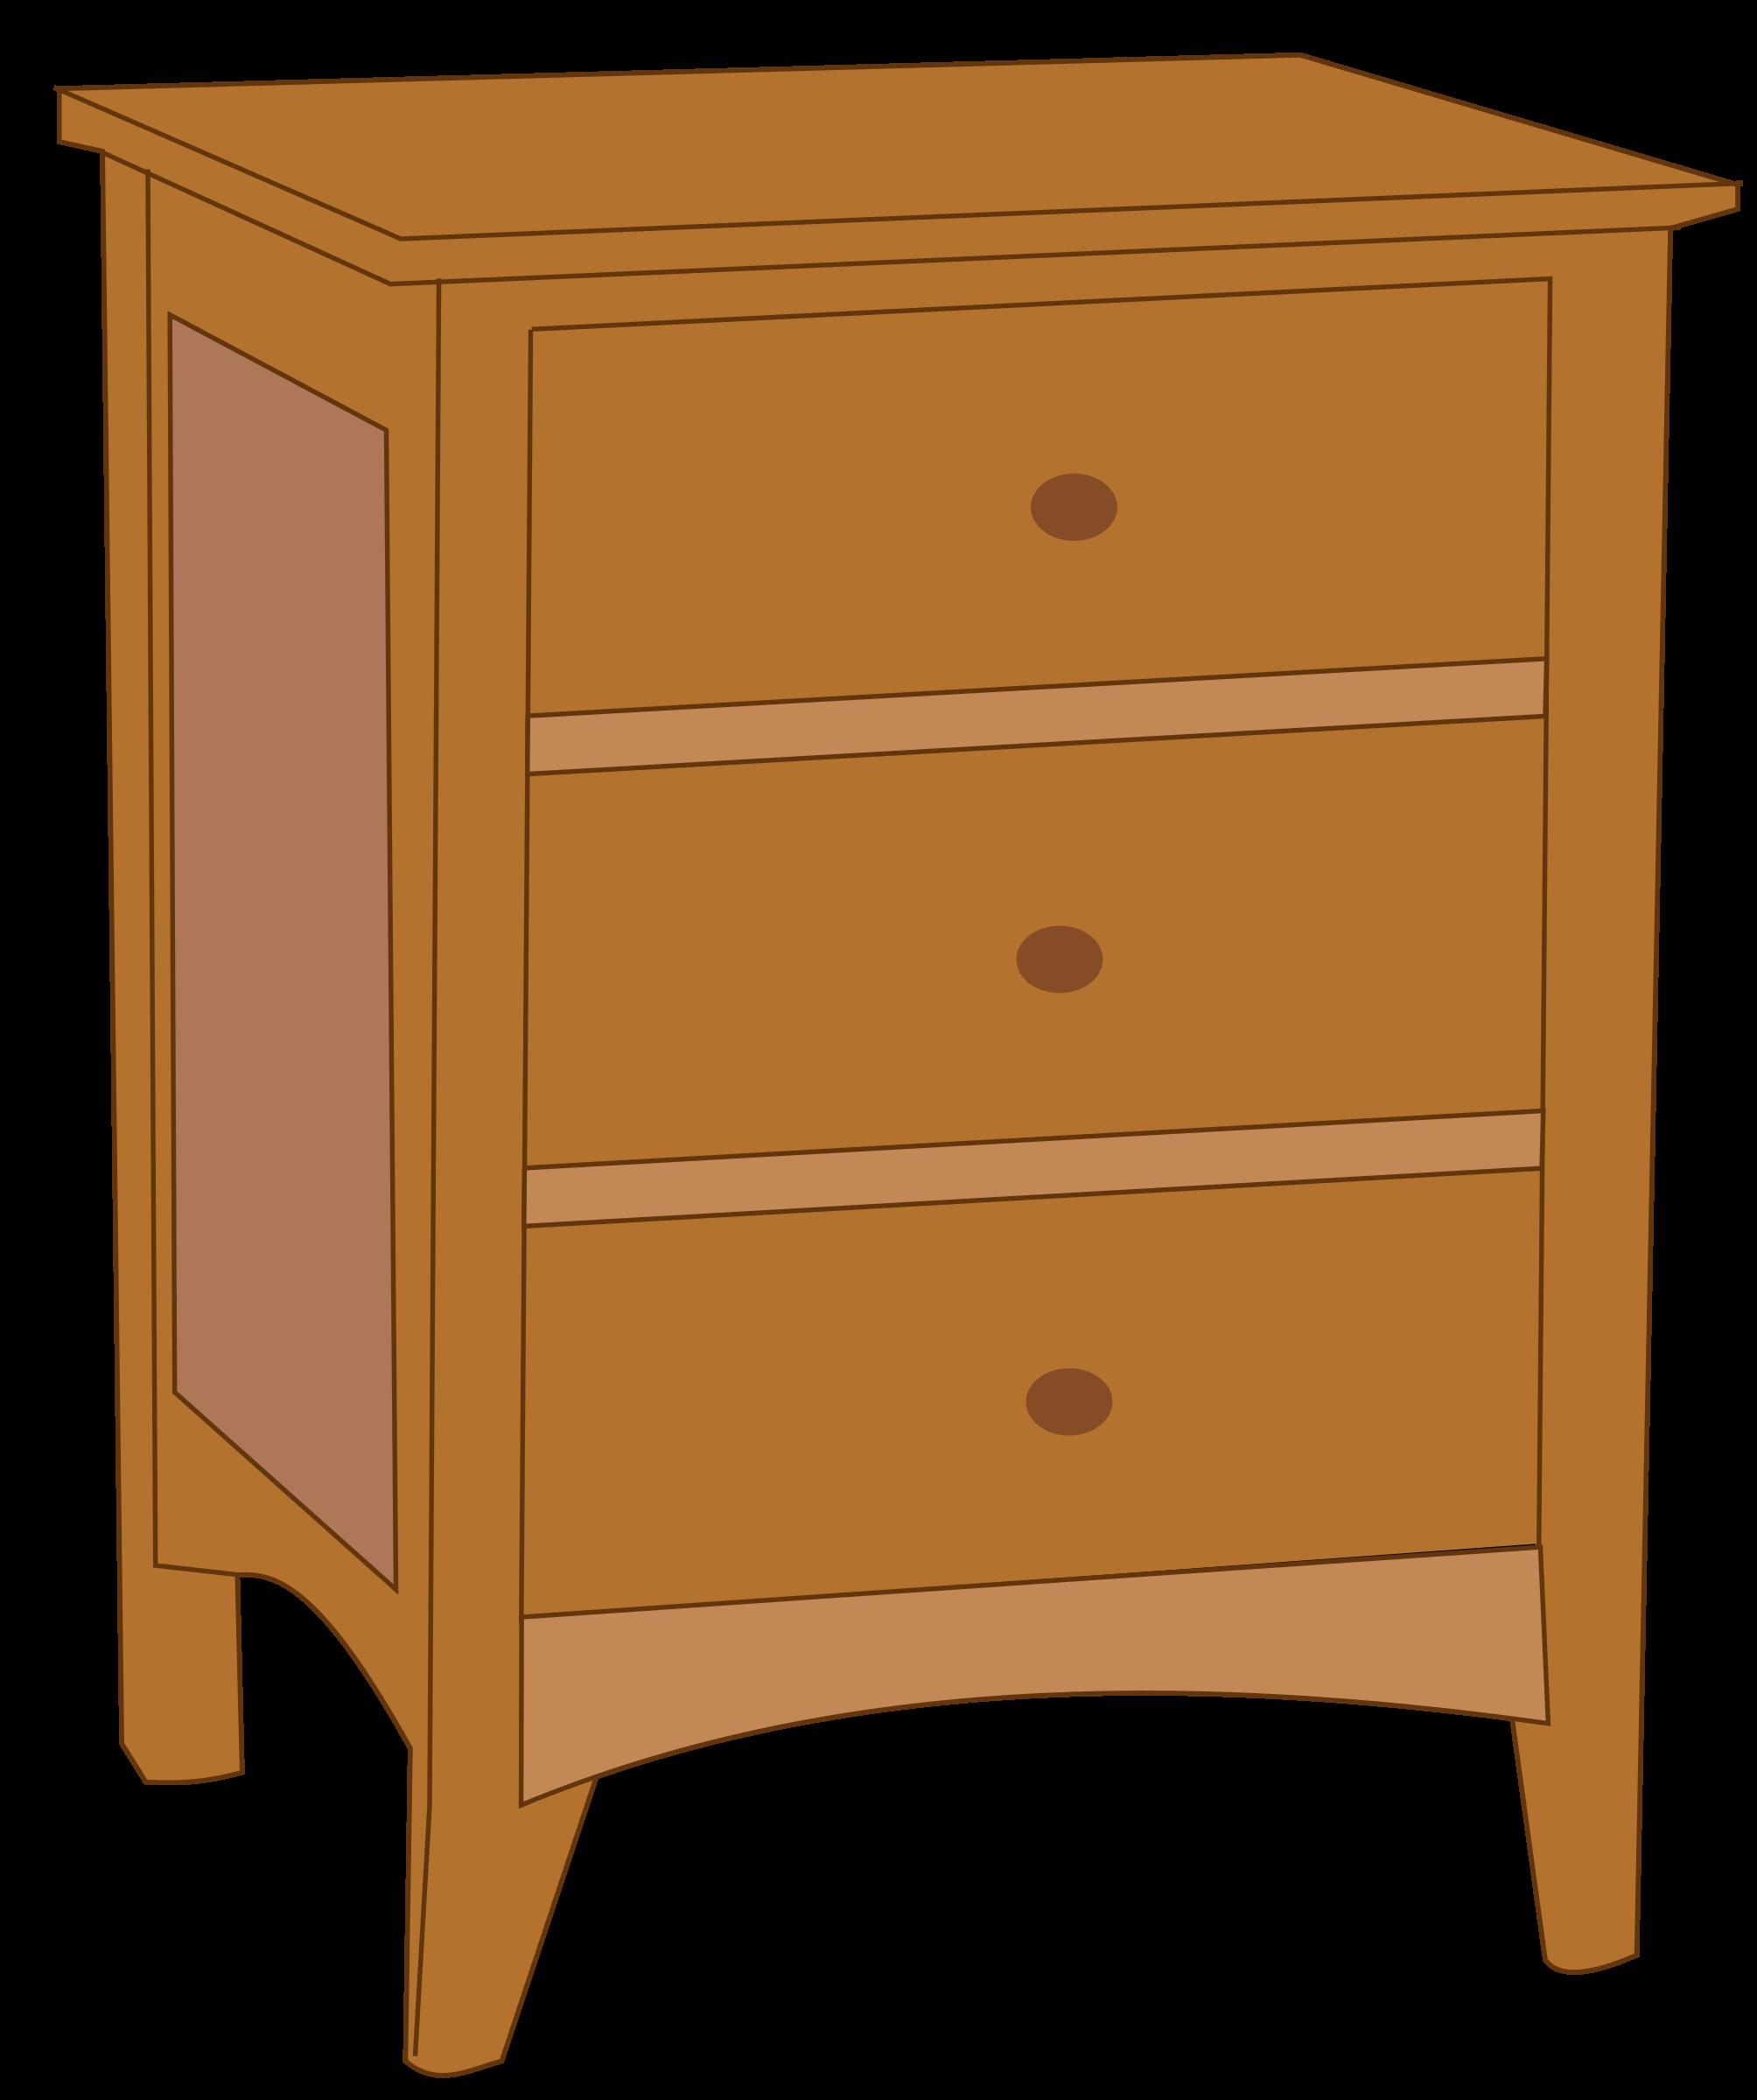 Furniture clipart small bed. Imagen relacionada png pinterest